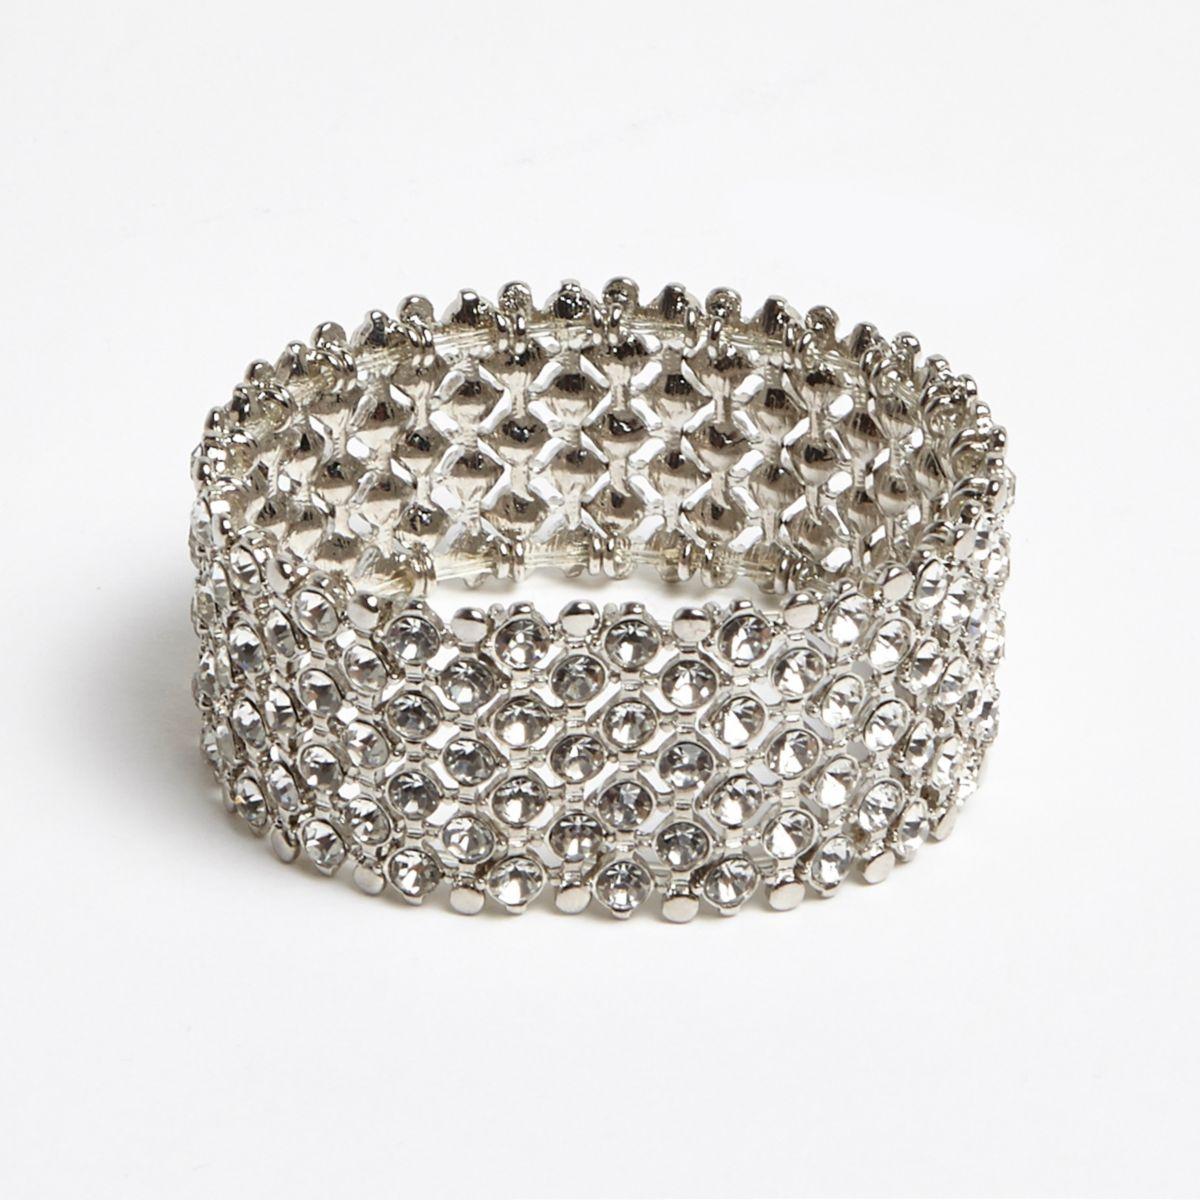 Silver tone rhinestone embellished bracelet